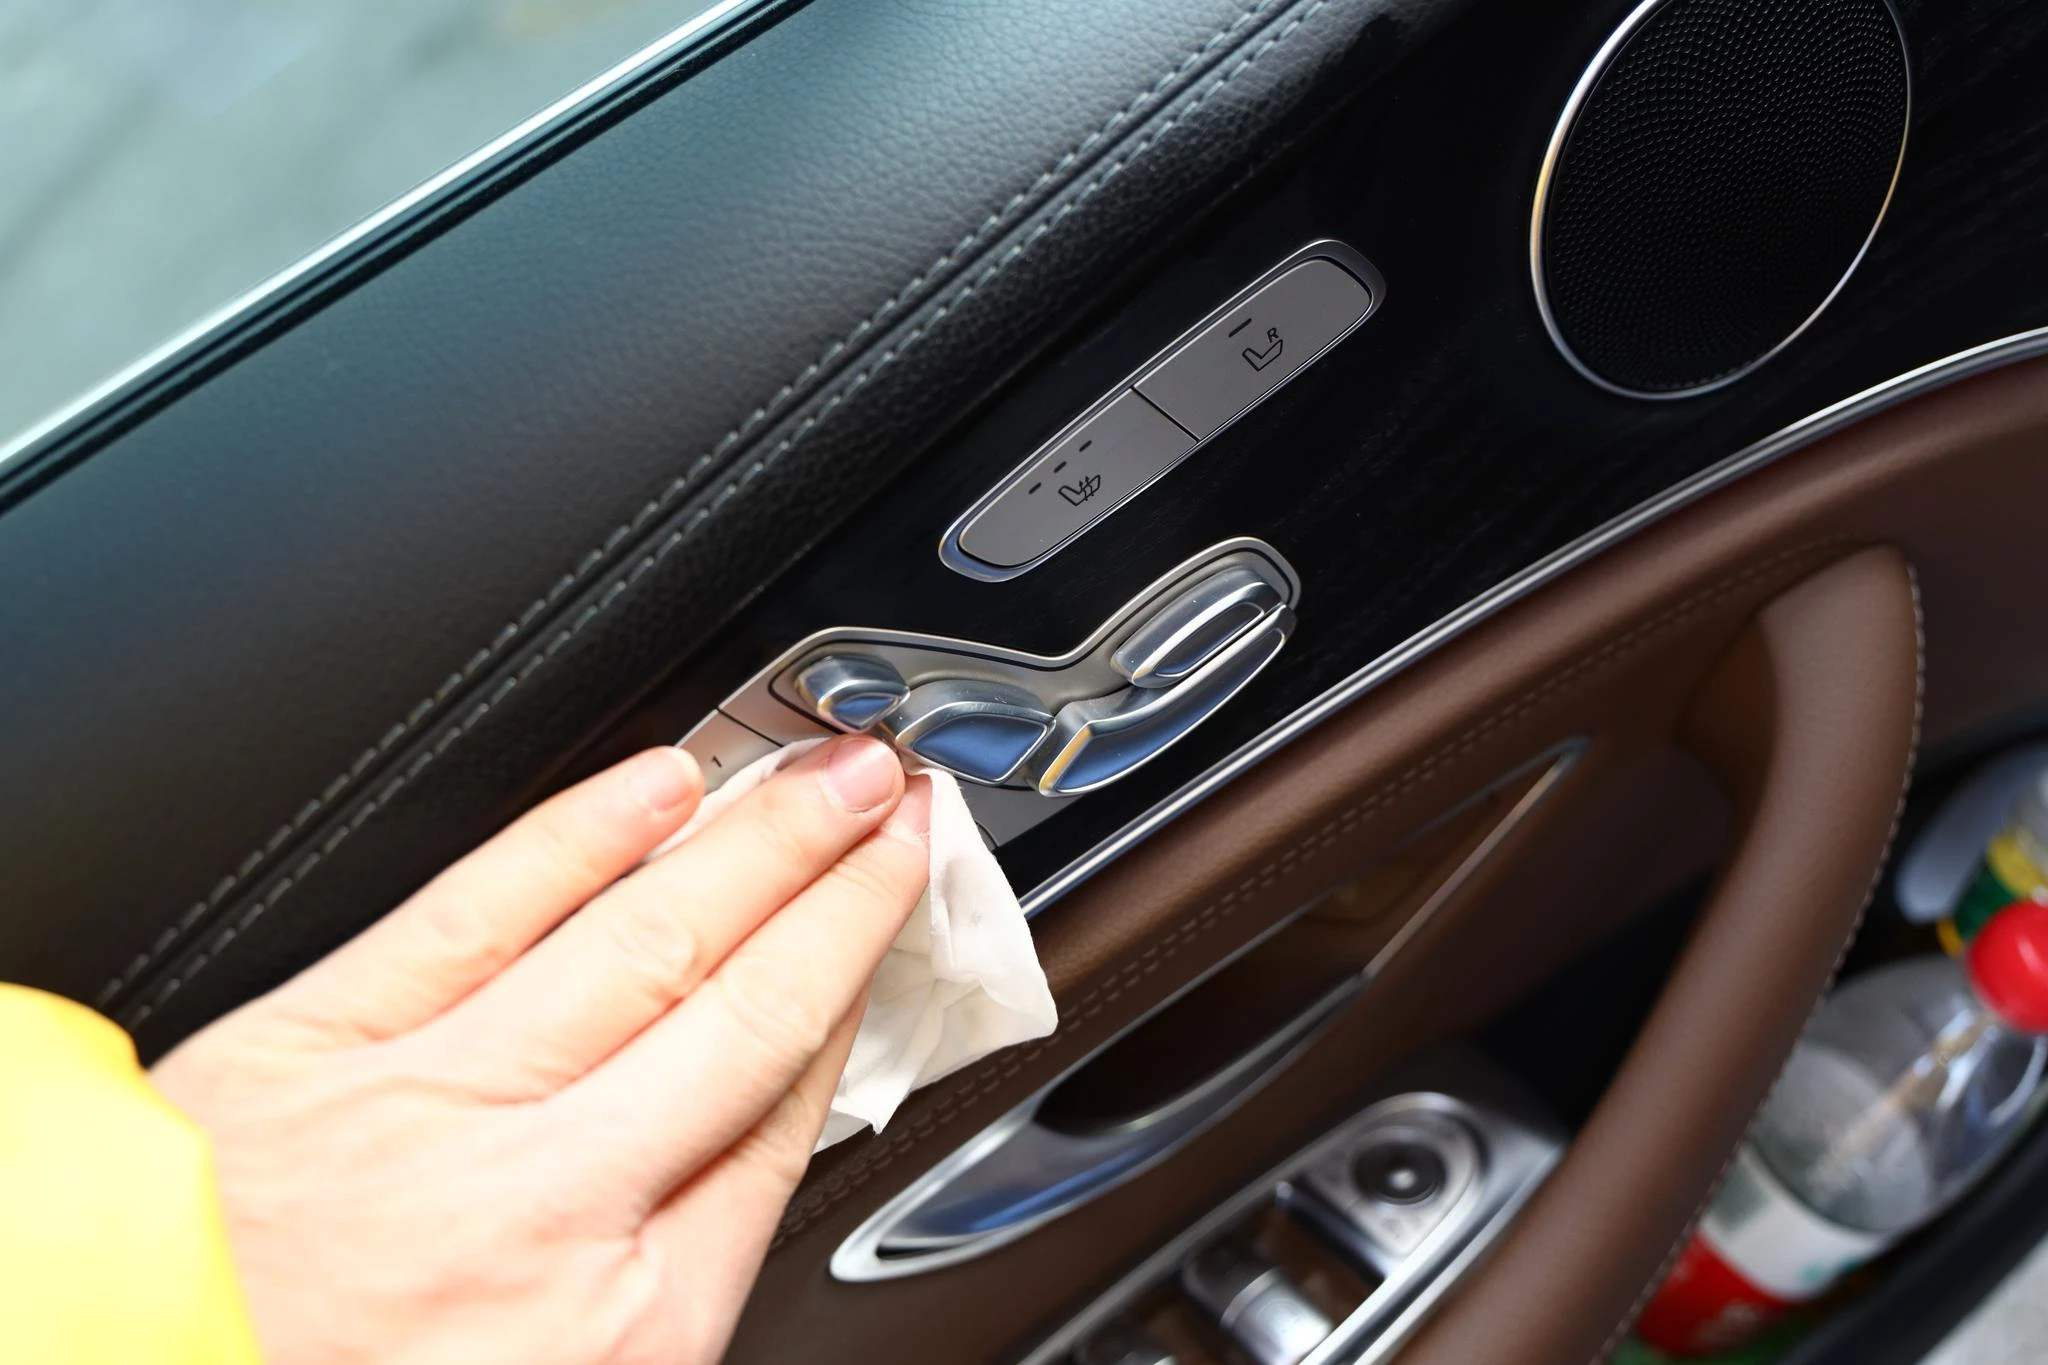 還沒到放松警惕的時候!疫情之下汽車車內消毒如何做?